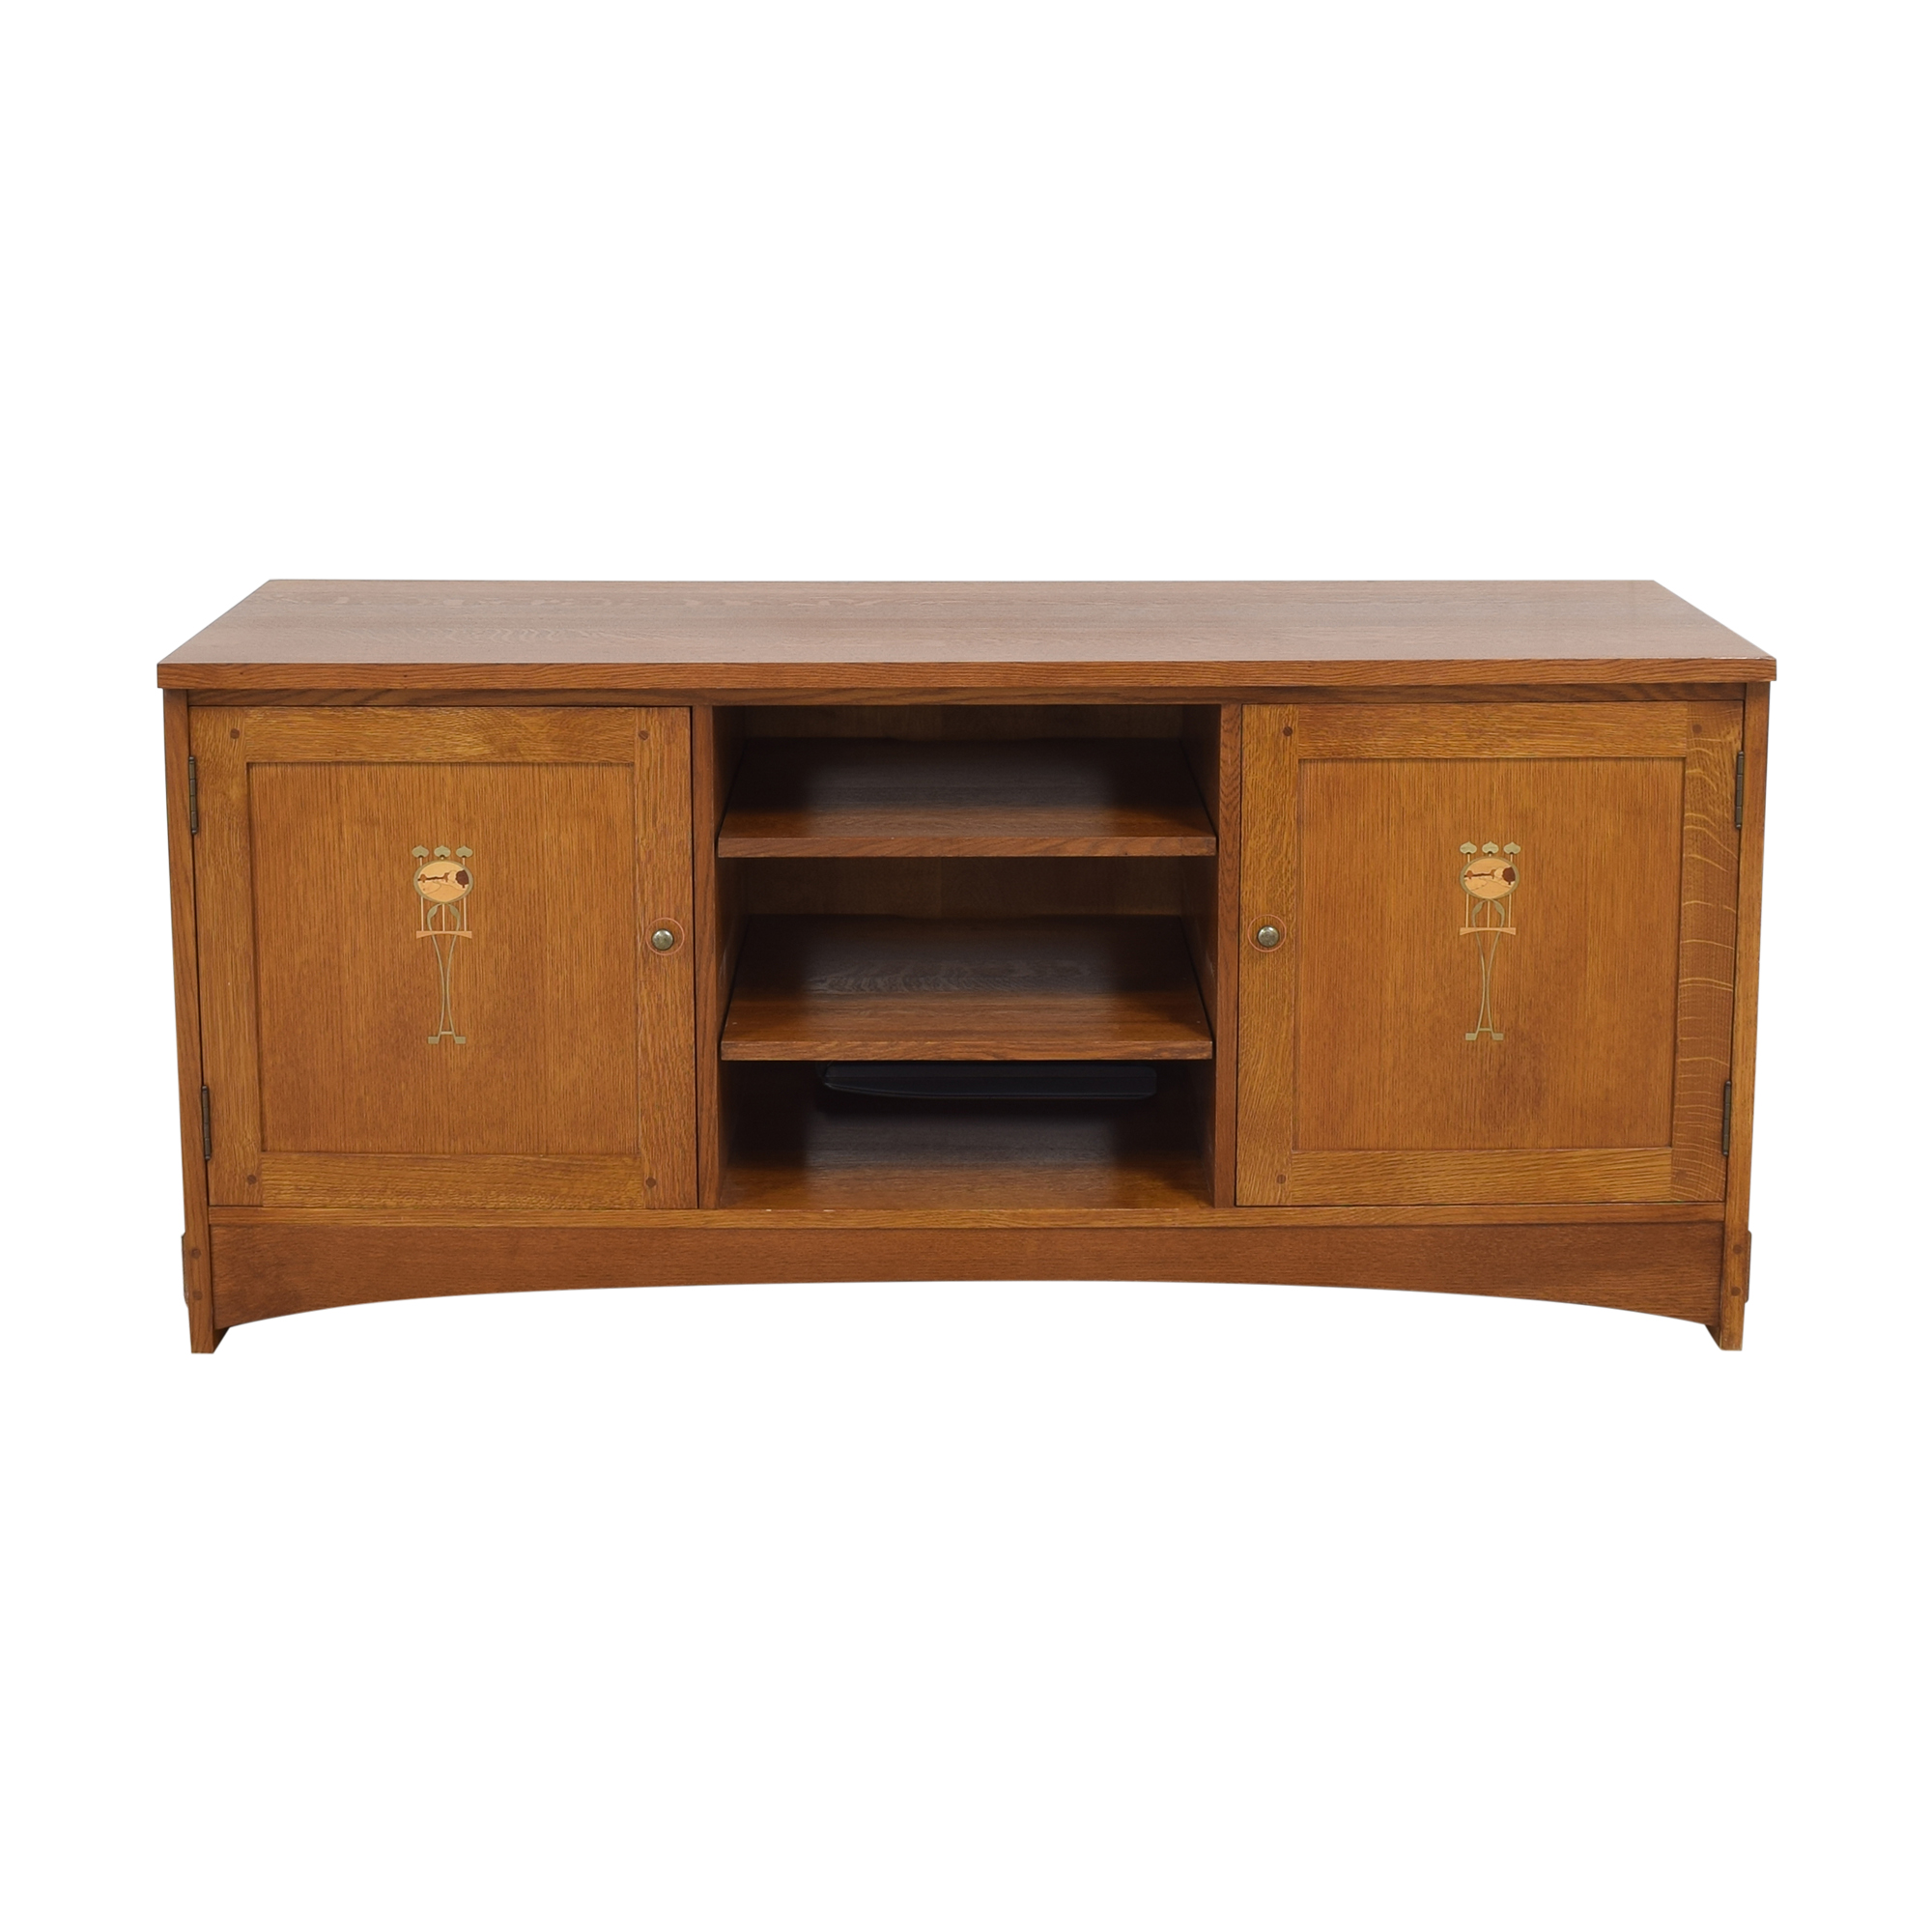 buy Stickley Furniture Stickley Furniture Harvey Ellis Media Console online